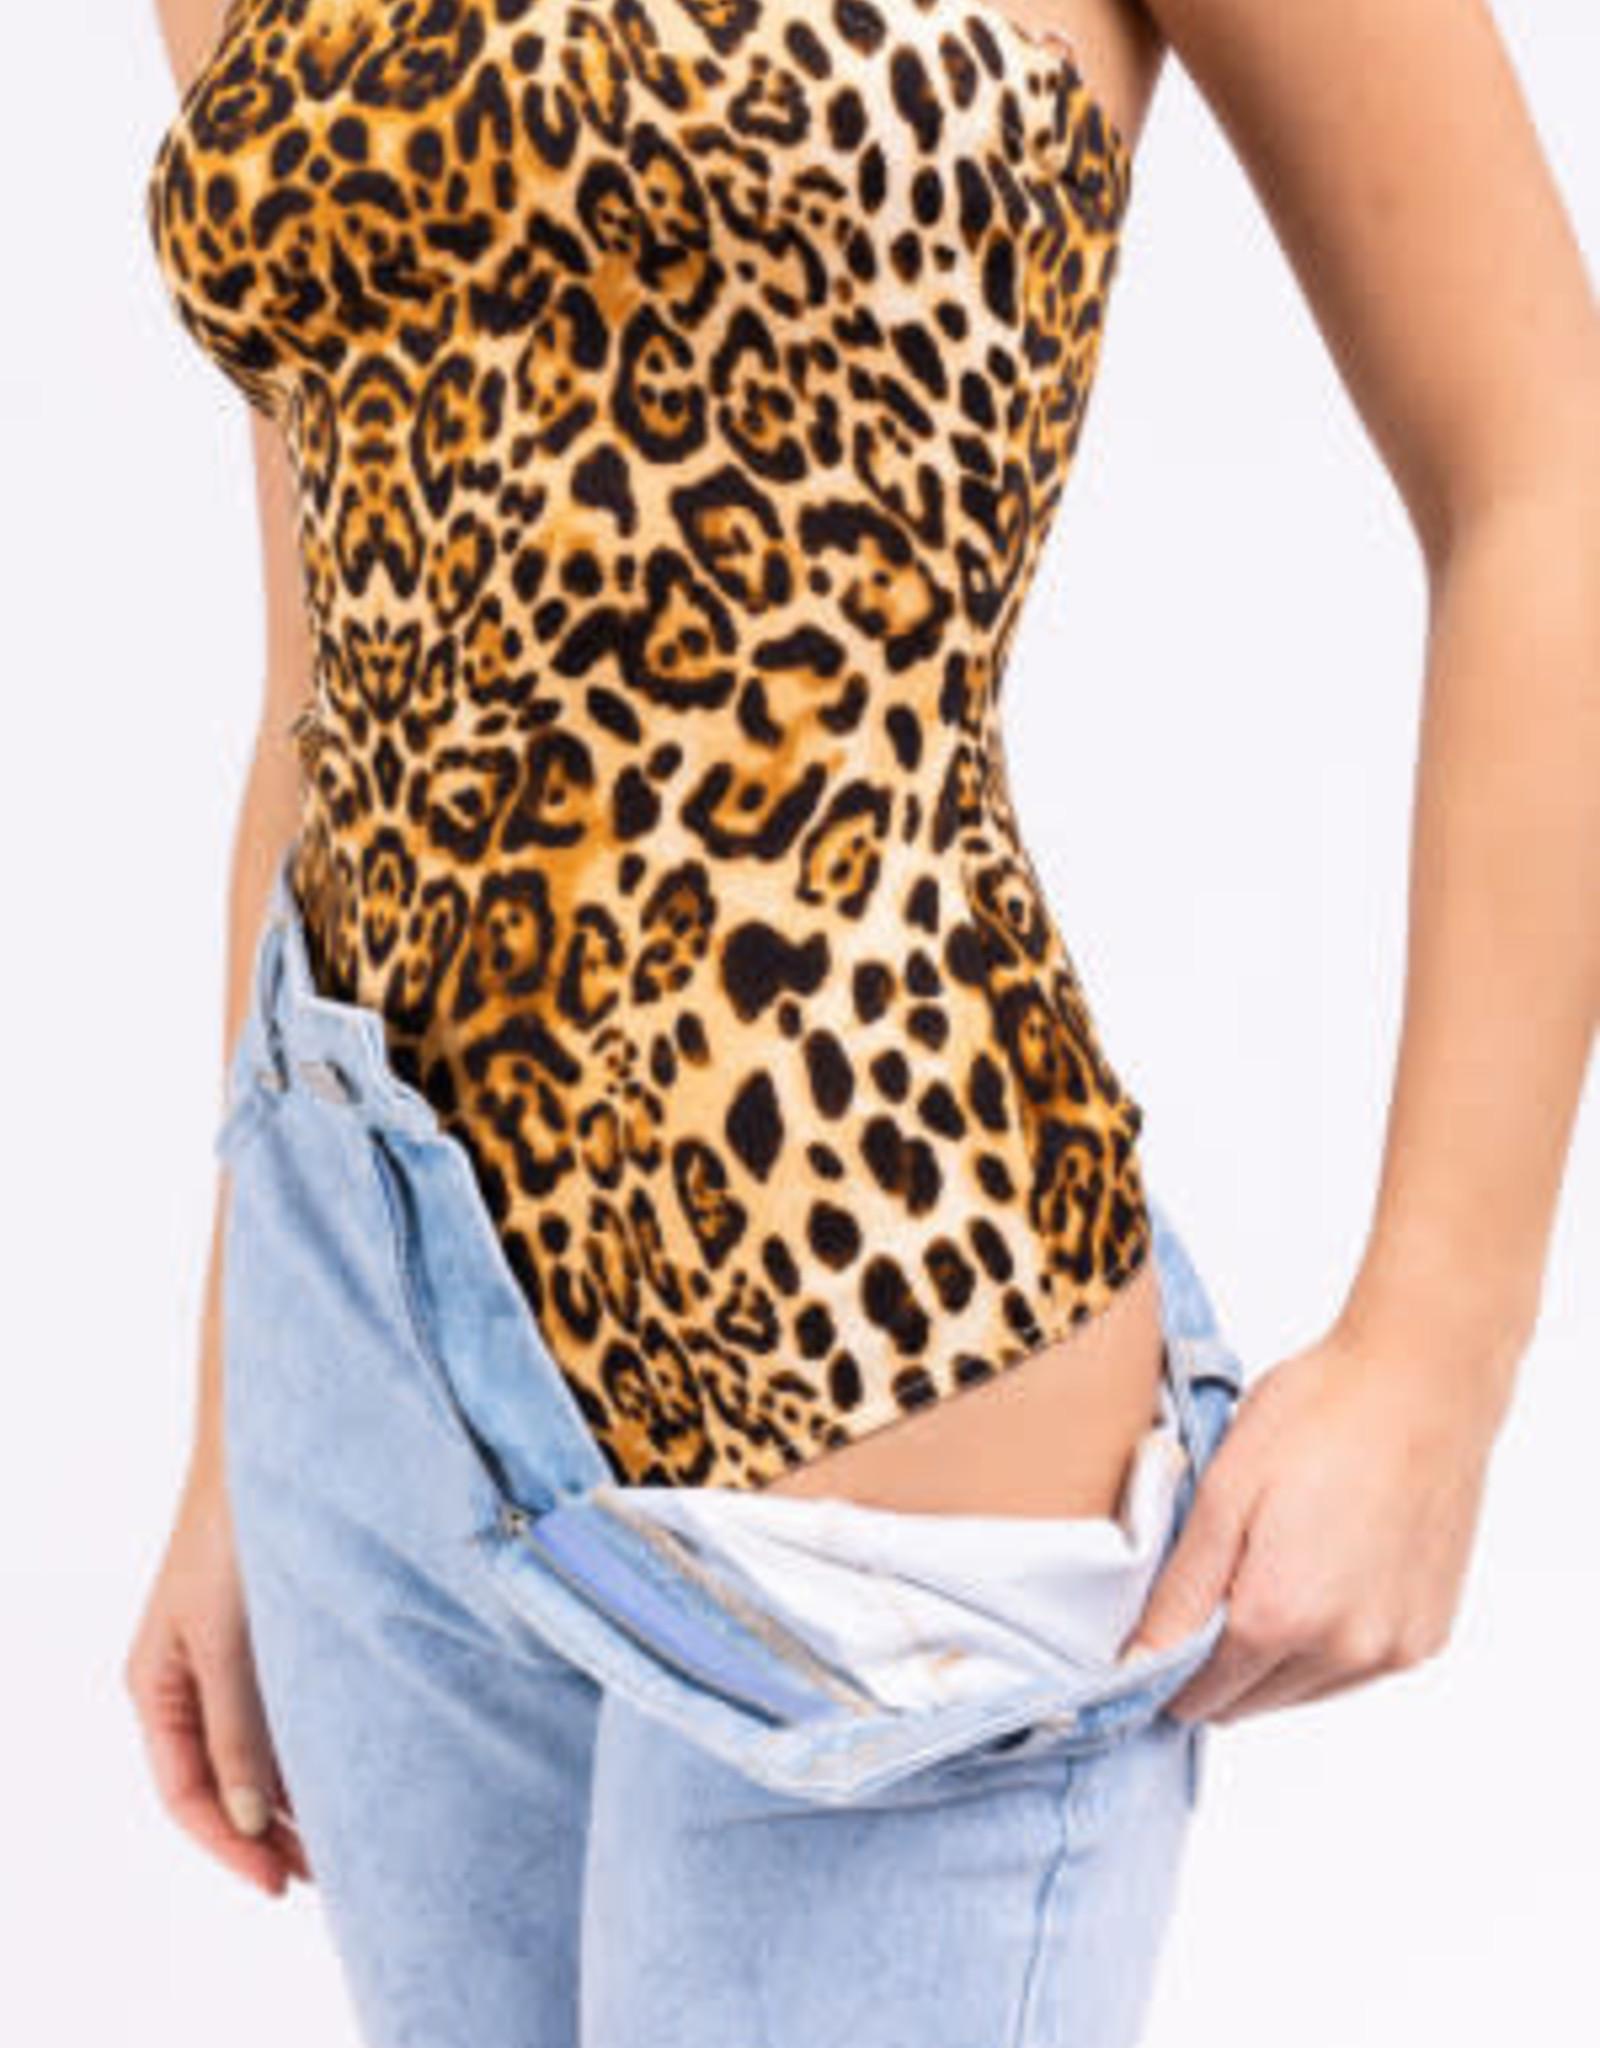 Cheetah-licious Bodysuit